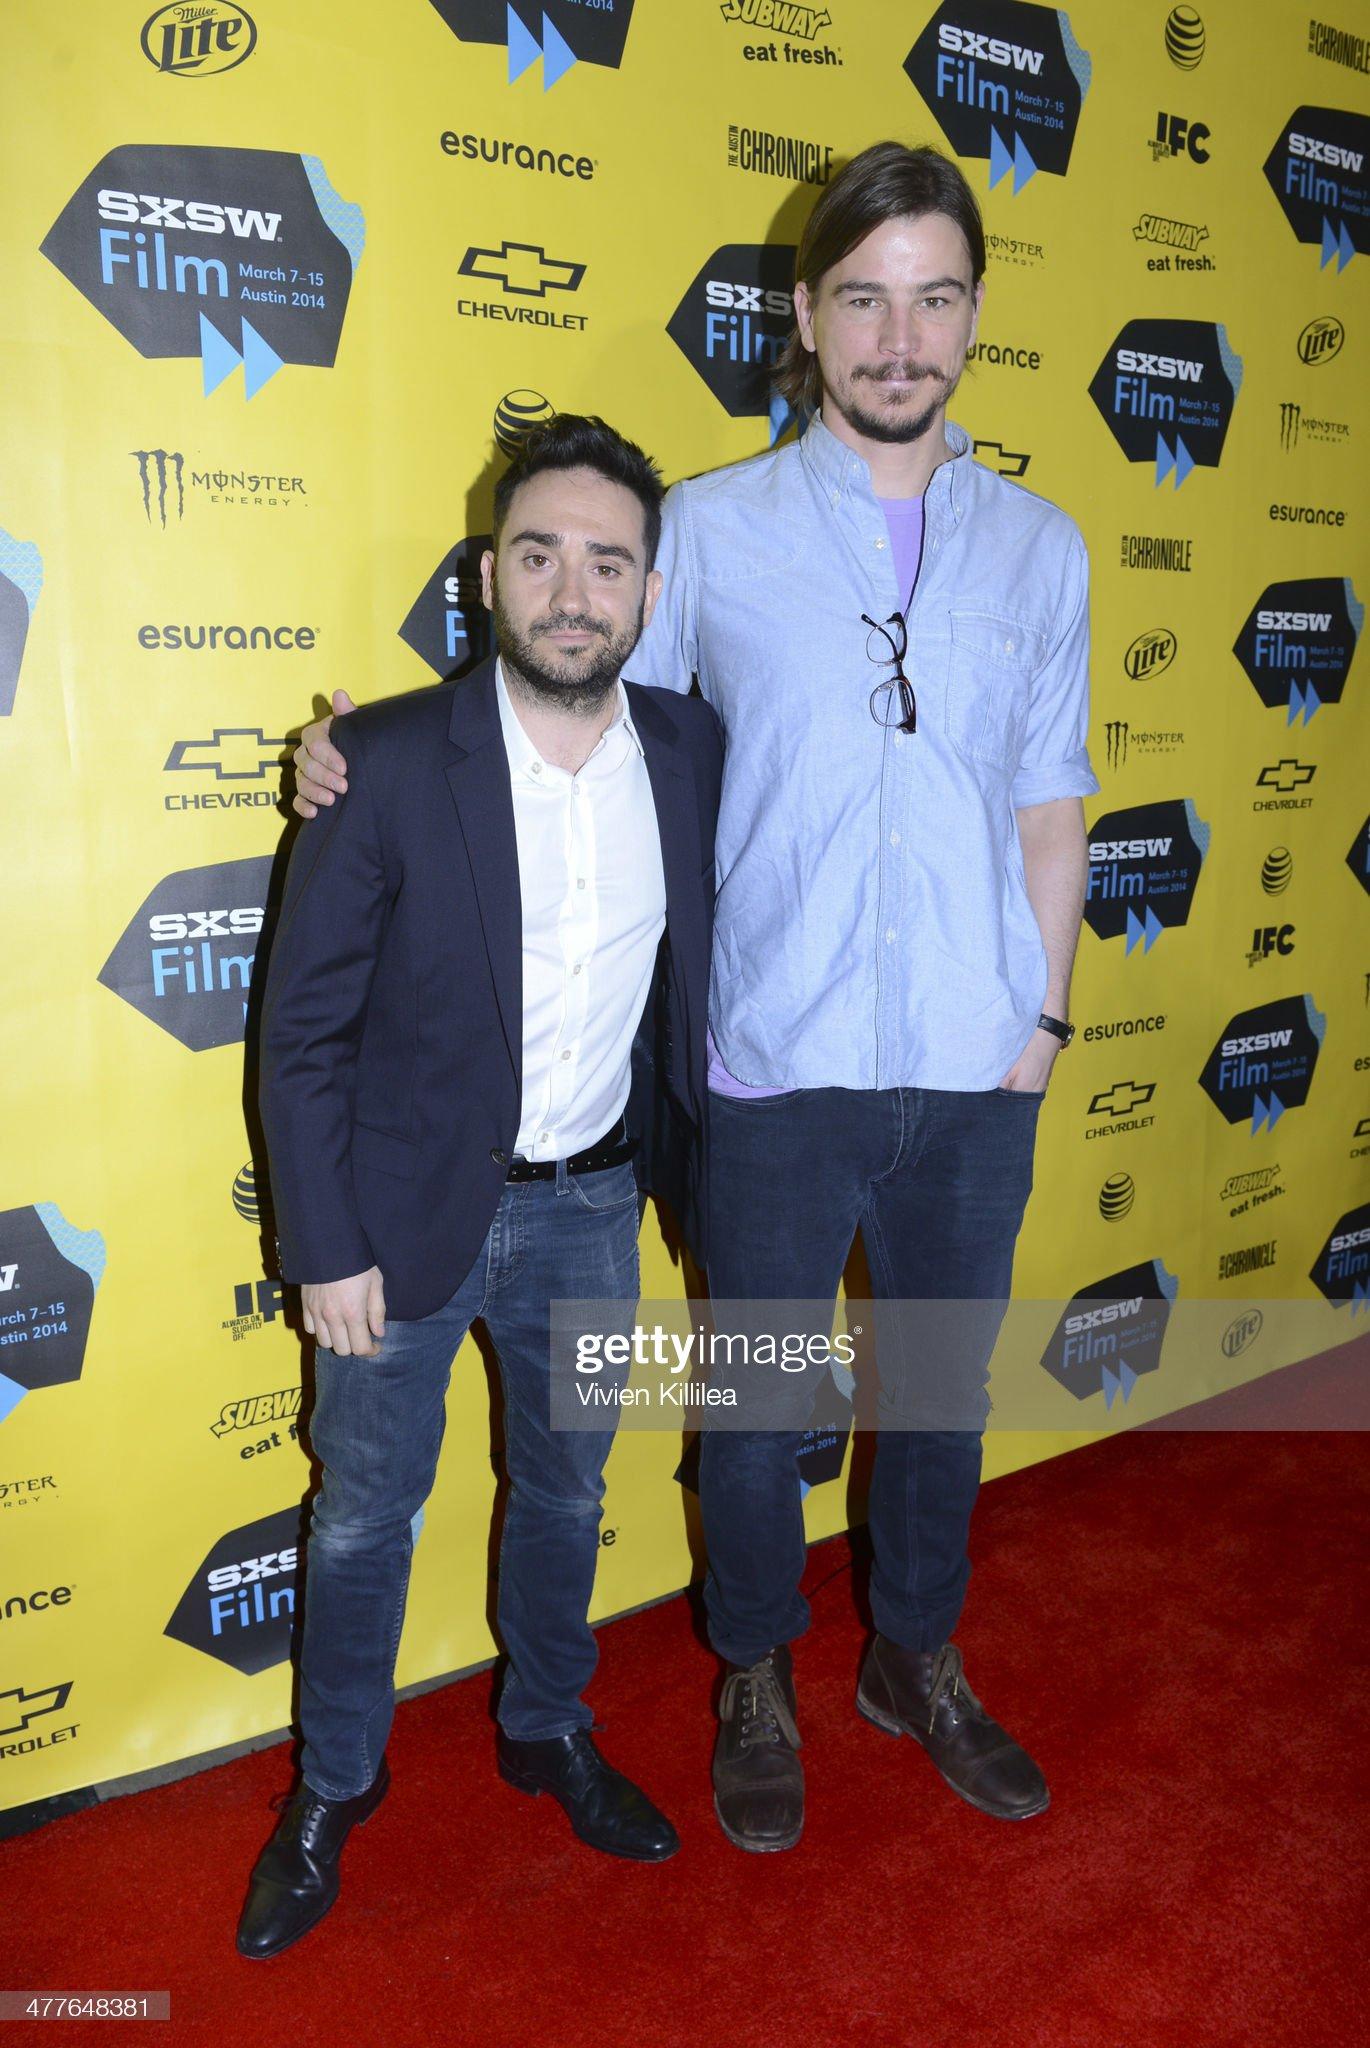 ¿Cuánto mide Juan Antonio J.A Bayona?  - Altura - Real height - Página 3 Director-juan-antonio-bayona-and-actor-josh-hartnett-attend-showtimes-picture-id477648381?s=2048x2048